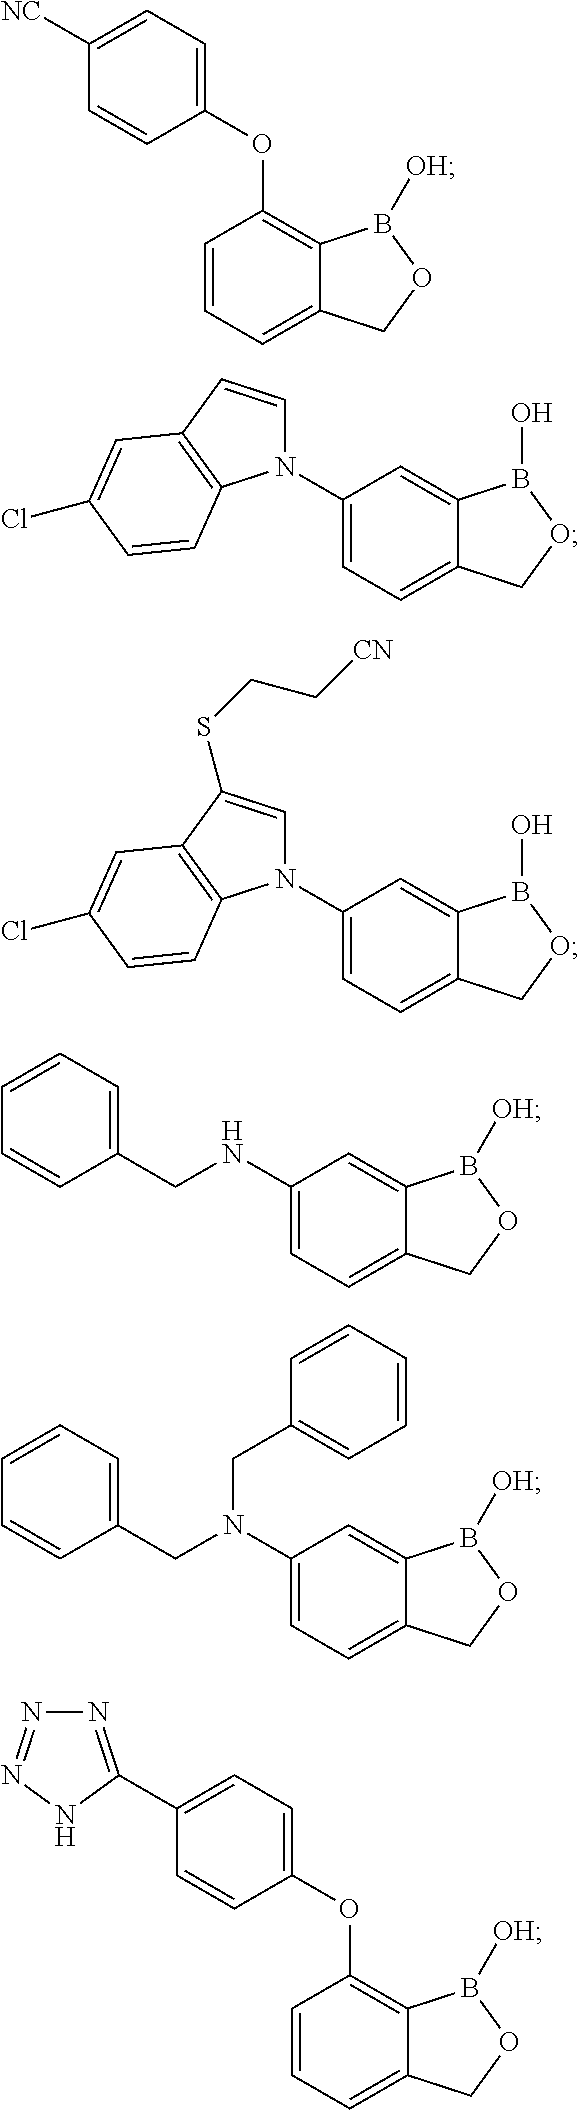 Figure US09566289-20170214-C00154